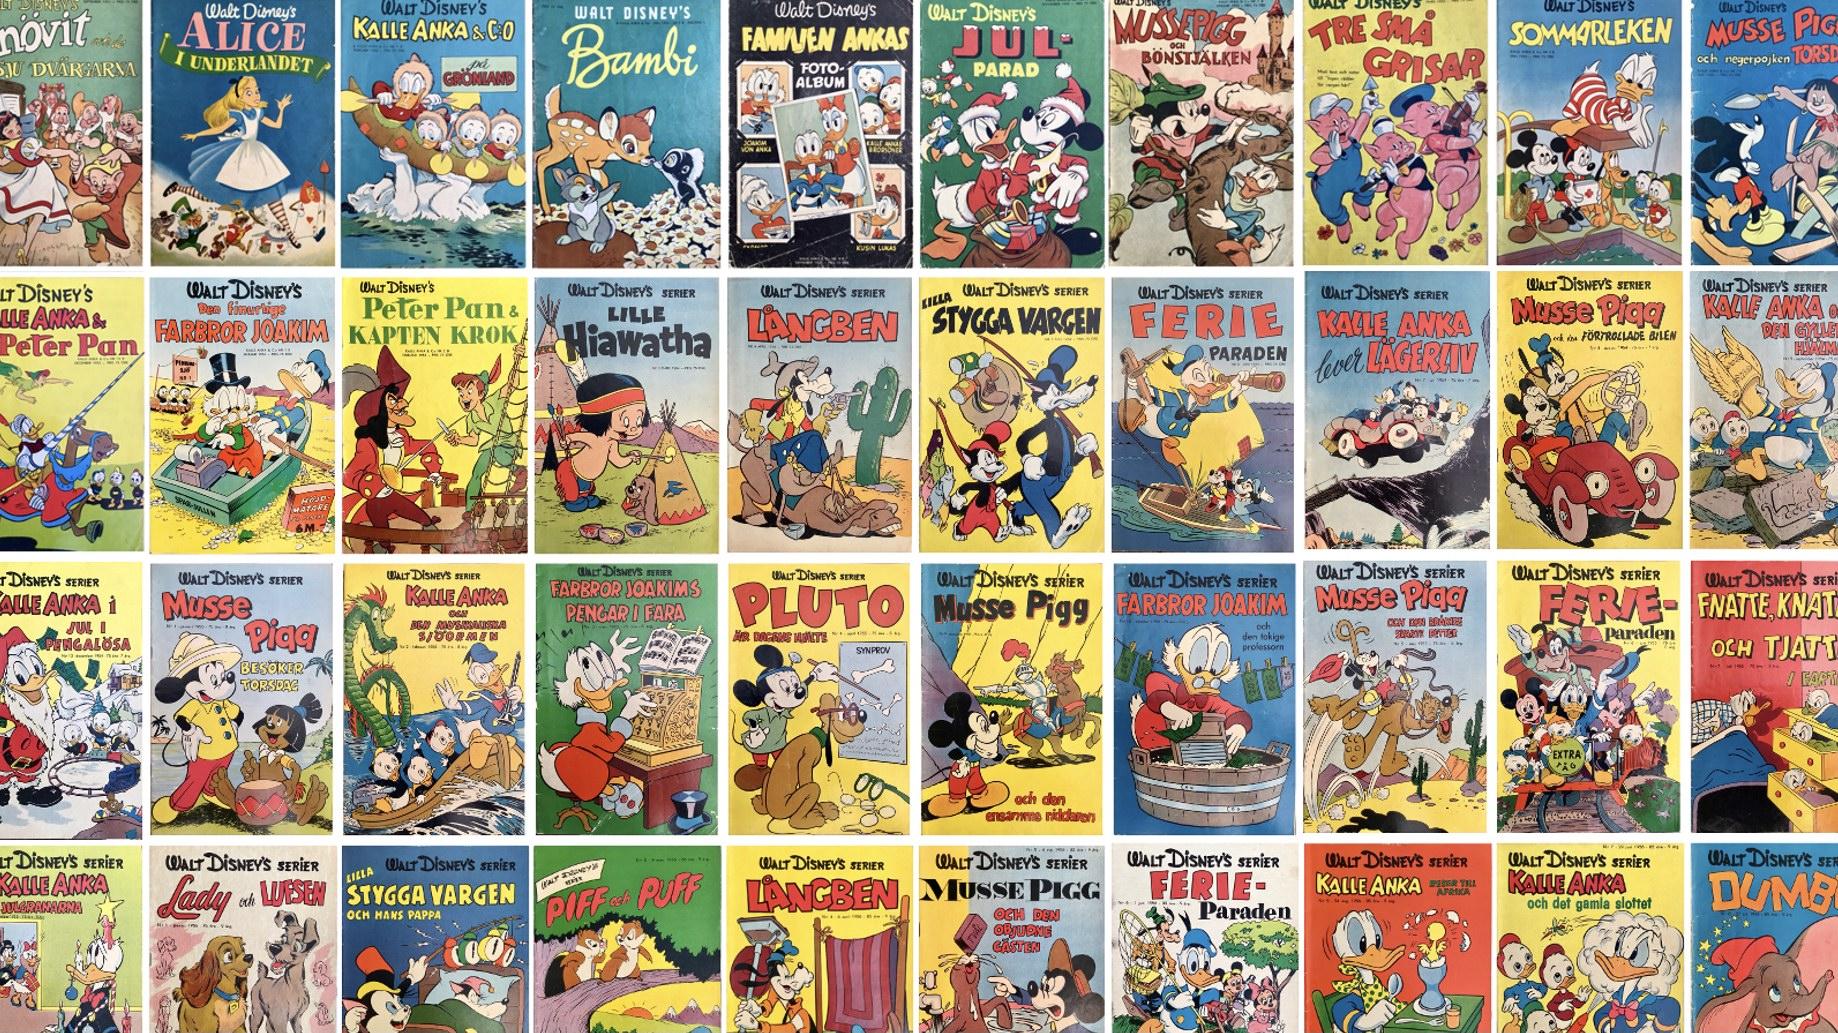 Walt Disney's serier 1950-56